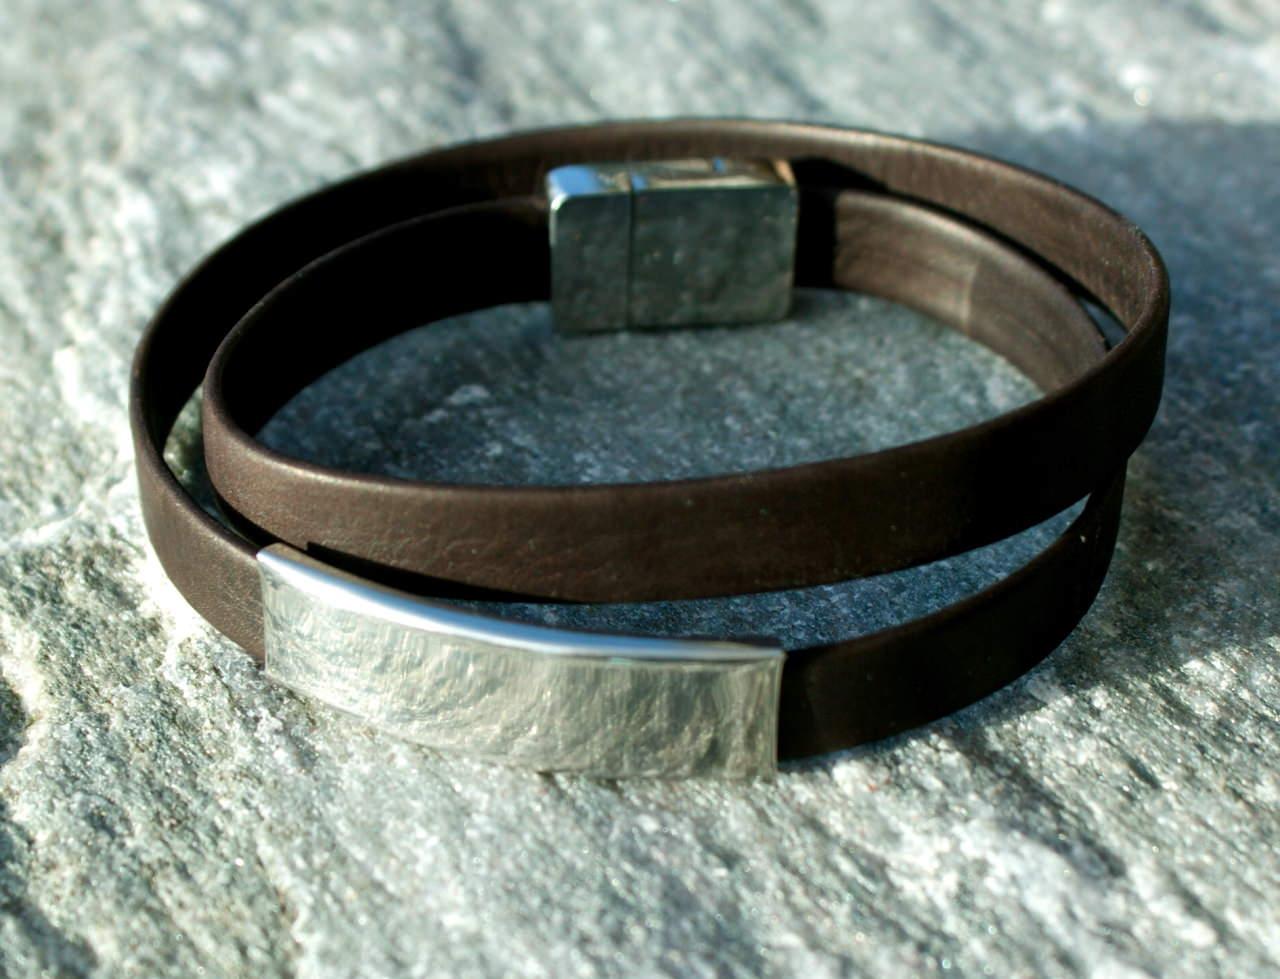 - Männer Wickel-Armband Nappa-Leder braun, Edelstahl schlicht elegant  - Männer Wickel-Armband Nappa-Leder braun, Edelstahl schlicht elegant